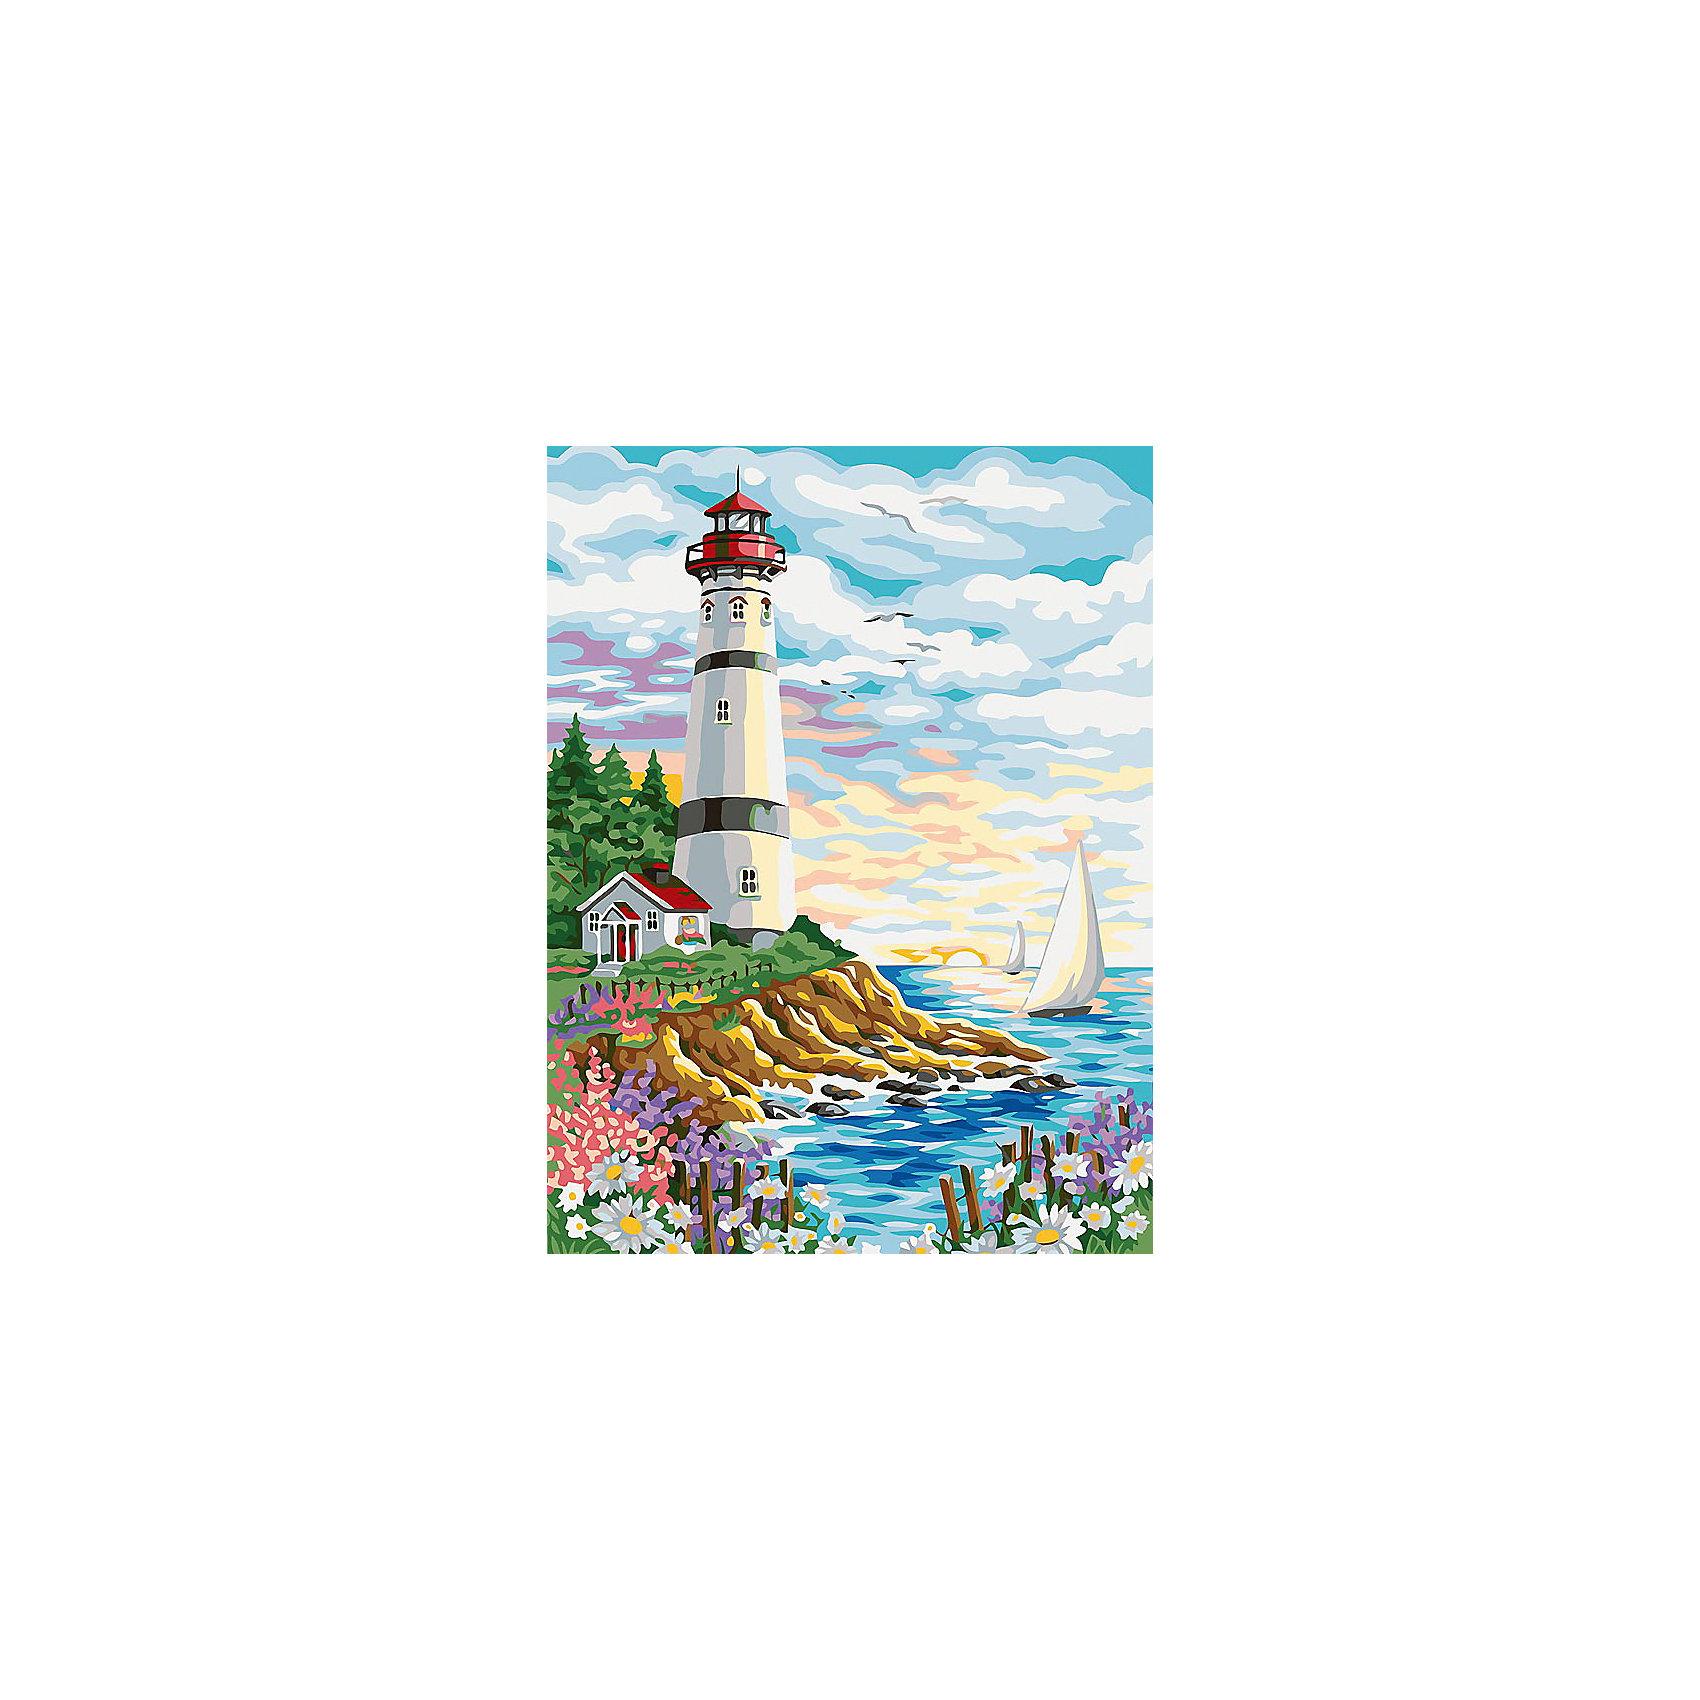 Живопись на холсте 30*40 см МаякРисование<br>Характеристики:<br><br>• Предназначение: для занятий художественным творчеством<br>• Тематика: архитектура<br>• Пол: универсальный<br>• Материал: дерево, бумага, краски<br>• Цвет: синий, голубой, белый, желтый, зеленый, коричневый и др.<br>• Комплектация: холст на подрамнике, набор акриловых красок, 3 кисти, пробный лист с нанесенным рисунком, крепление для готовой картины, инструкция<br>• Размеры (Ш*Д): 30*40 см<br>• Вес: 580 г <br>• Упаковка: картонная коробка<br><br>Живопись на холсте 30*40 см Маяк – это набор от торговой марки Белоснежка, специализирующейся на товарах для творчества и рукоделия. Комплект для живописи состоит из черно-белого холста на подрамнике из дерева, набора необходимых акриловых красок, трех кистей разного размера и пробного листа. На холст и пробный лист нанесен рисунок с указанием номера соответствующей цвету краски. Акриловые краски хорошо ложатся на холст, не растекаются и не смешиваются, что делает их идеальными для начинающих художников. Все материалы, используемые в наборе, экологичные и натуральные. Готовые наборы научат вашего ребенка сочетать цвета и оттенки, действовать по заданному образцу, будут способствовать развитию внимательности, усидчивости и зрительному восприятию. <br>Занятия художественным творчеством являются не только средством творческого и эстетического развития, но также воспитания и коррекции эмоциональных комплексов у детей. <br><br>С наборами живописи на холсте от Белоснежки можно создать свою галерею картин или подготовить подарок родным и близким к празднованию торжества.<br><br>Живопись на холсте 30*40 см Маяк можно купить в нашем интернет-магазине.<br><br>Ширина мм: 410<br>Глубина мм: 310<br>Высота мм: 25<br>Вес г: 567<br>Возраст от месяцев: 72<br>Возраст до месяцев: 144<br>Пол: Унисекс<br>Возраст: Детский<br>SKU: 5089674